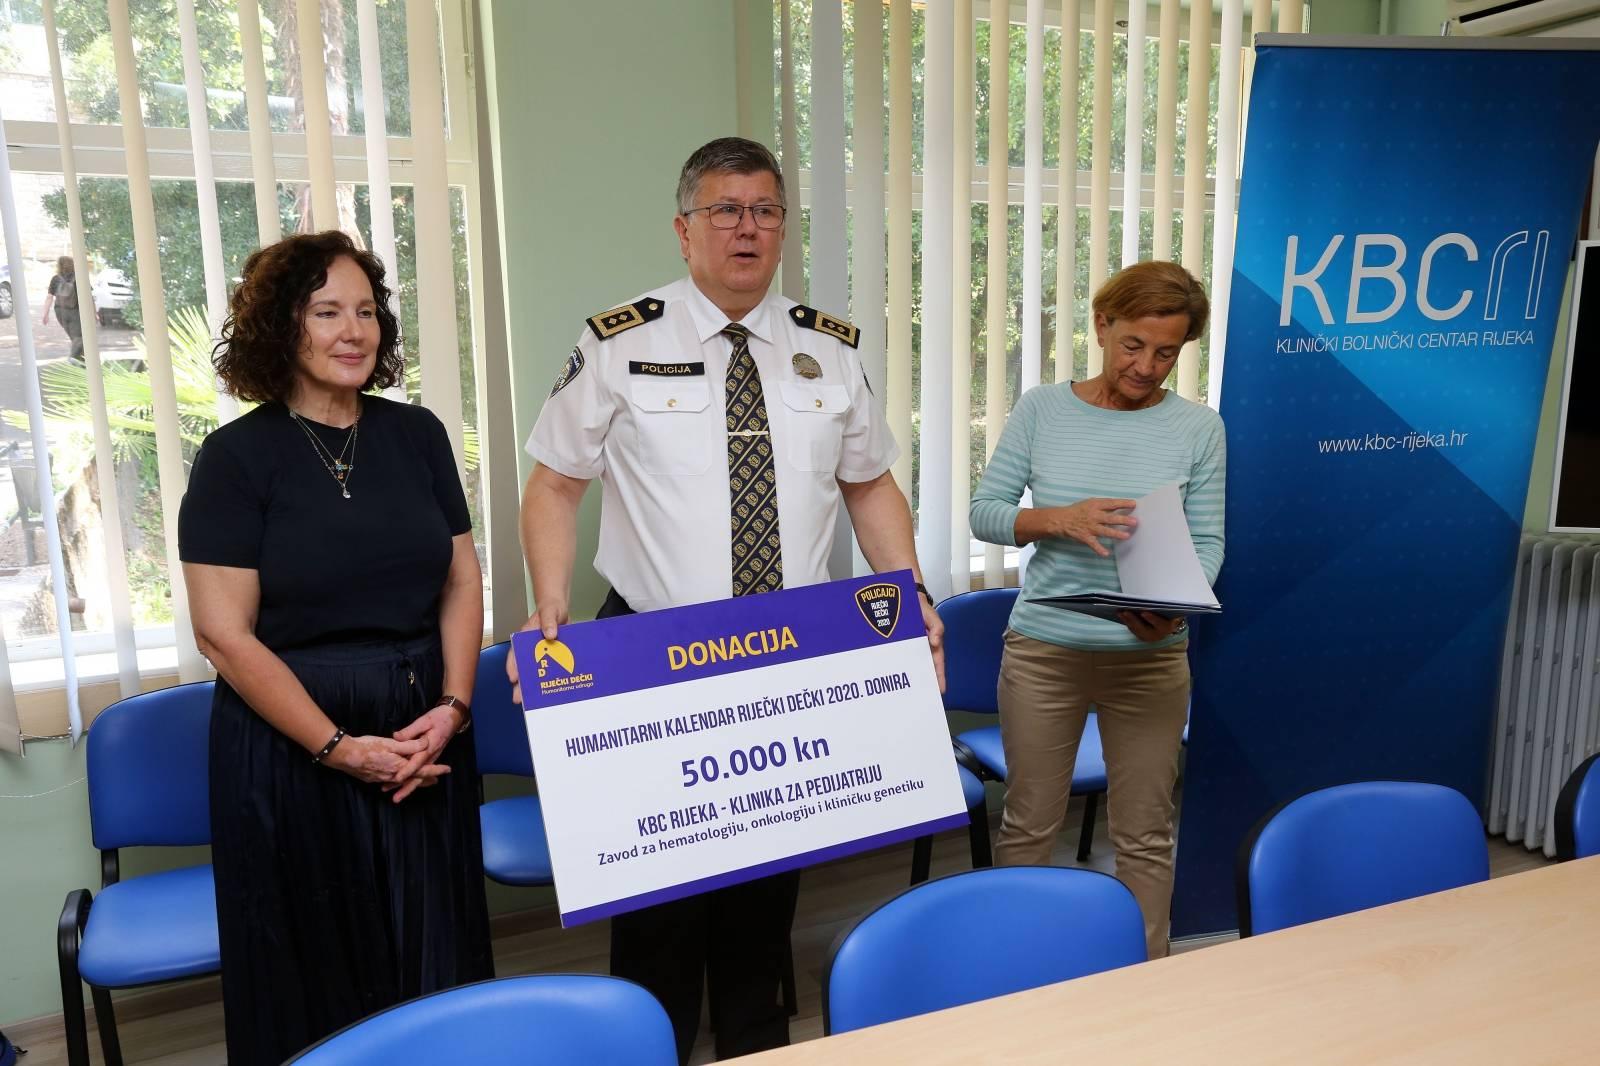 Rijeka: Urečenje donacije Klinici za pedijatriju KBC-a Rijeka od prodaje kalendara Riječi dečki policajci